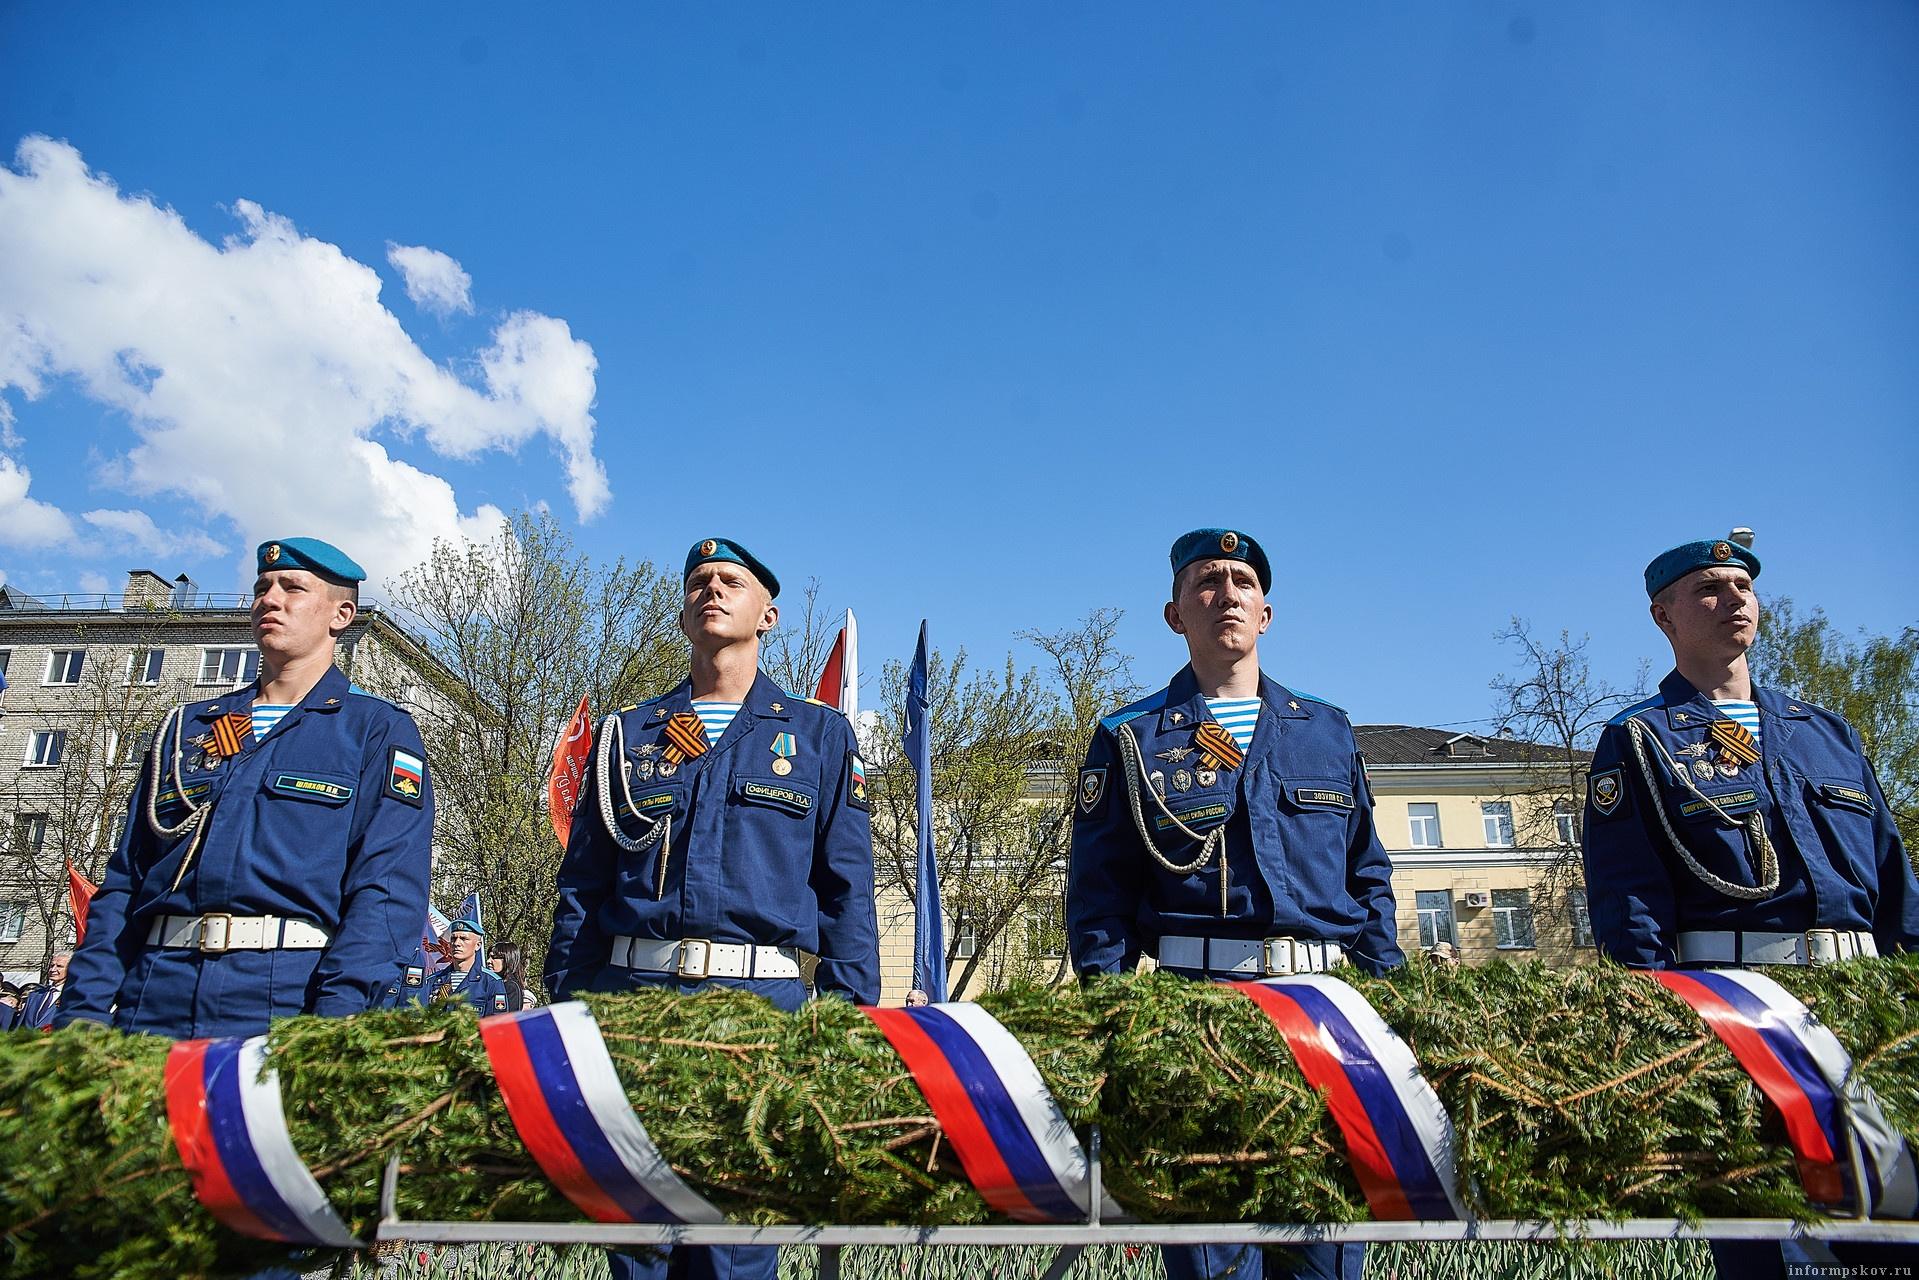 Возложение гирлянд и цветов к памятникам, посвященным Великой Отечественной войне, пройдут с соблюдением всех ограничительных мер.